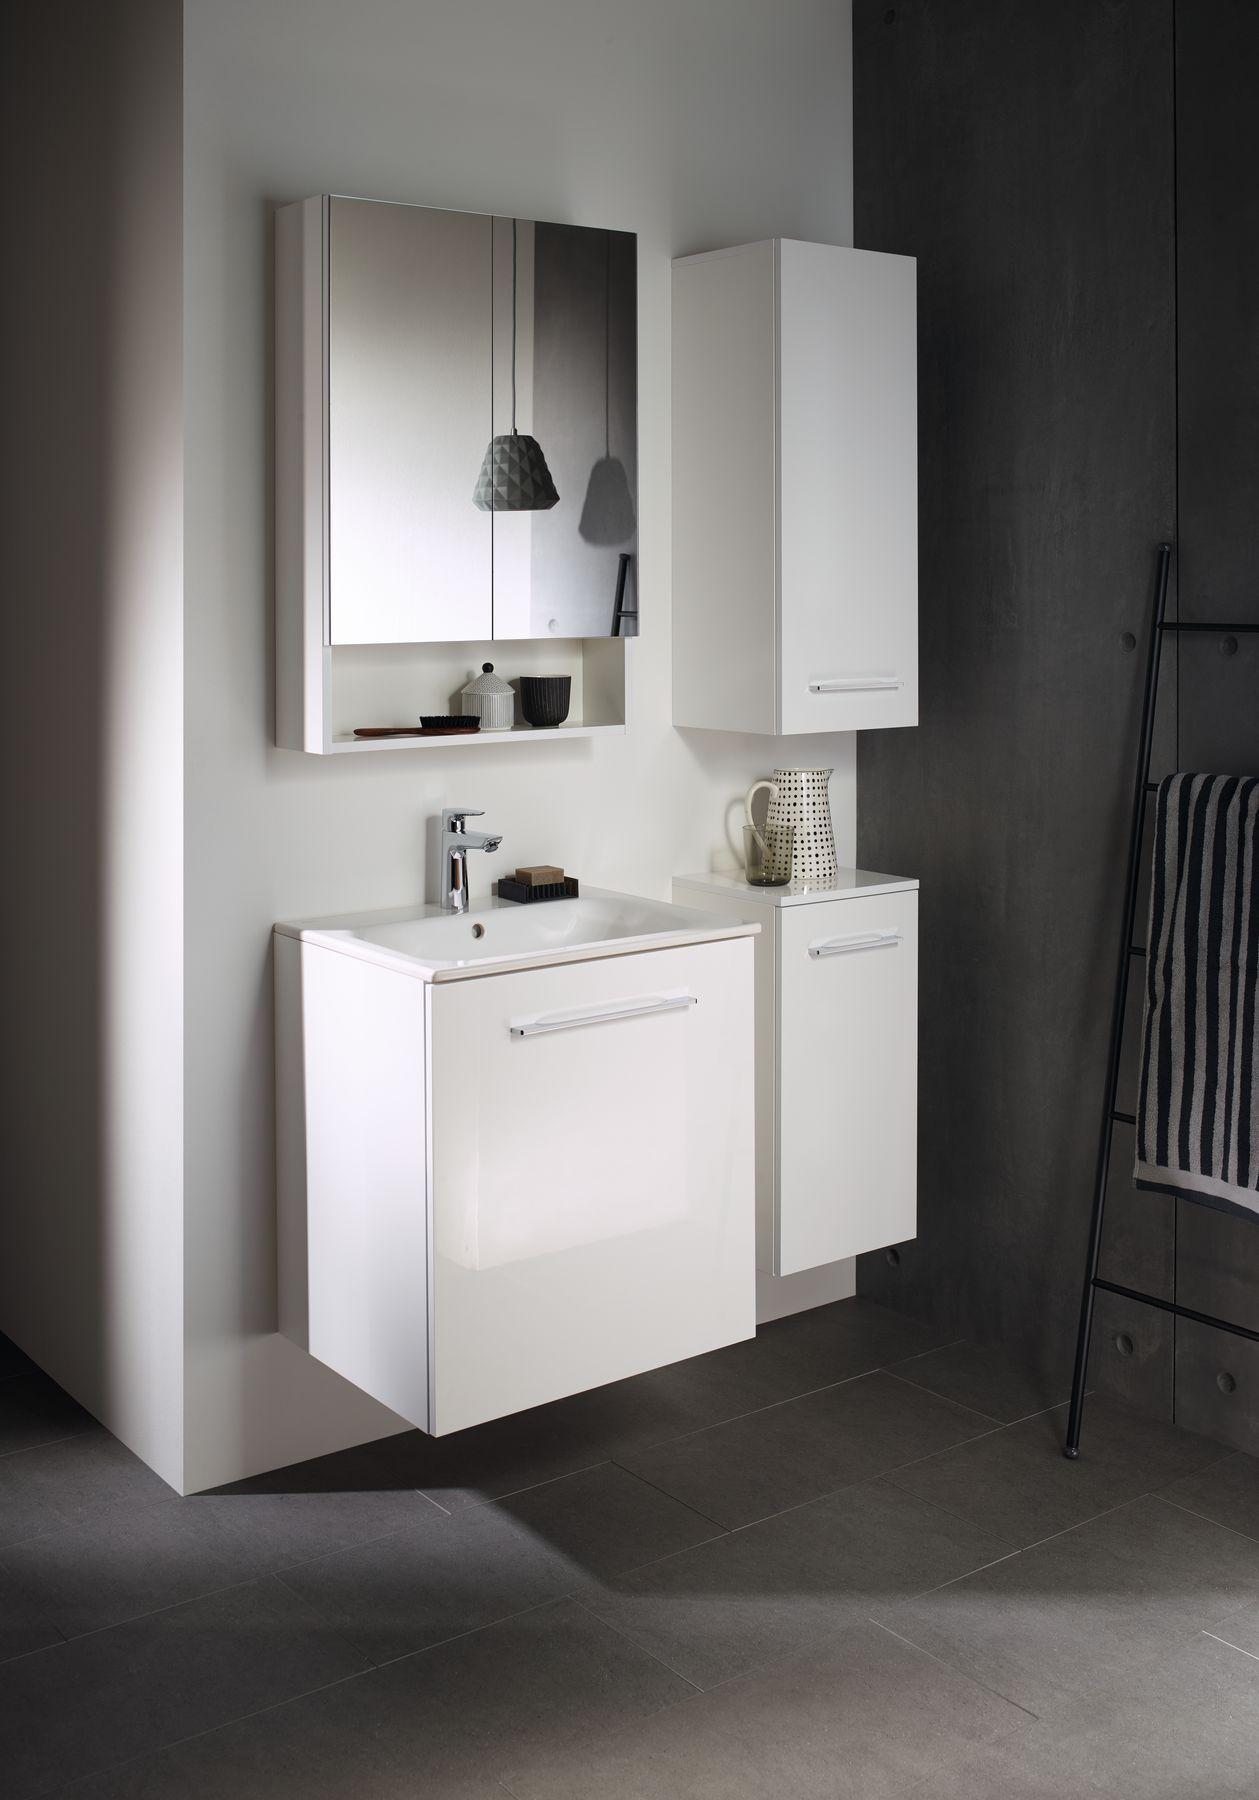 Muebles de baño resistentes a la humedad | Muebles de baño ...